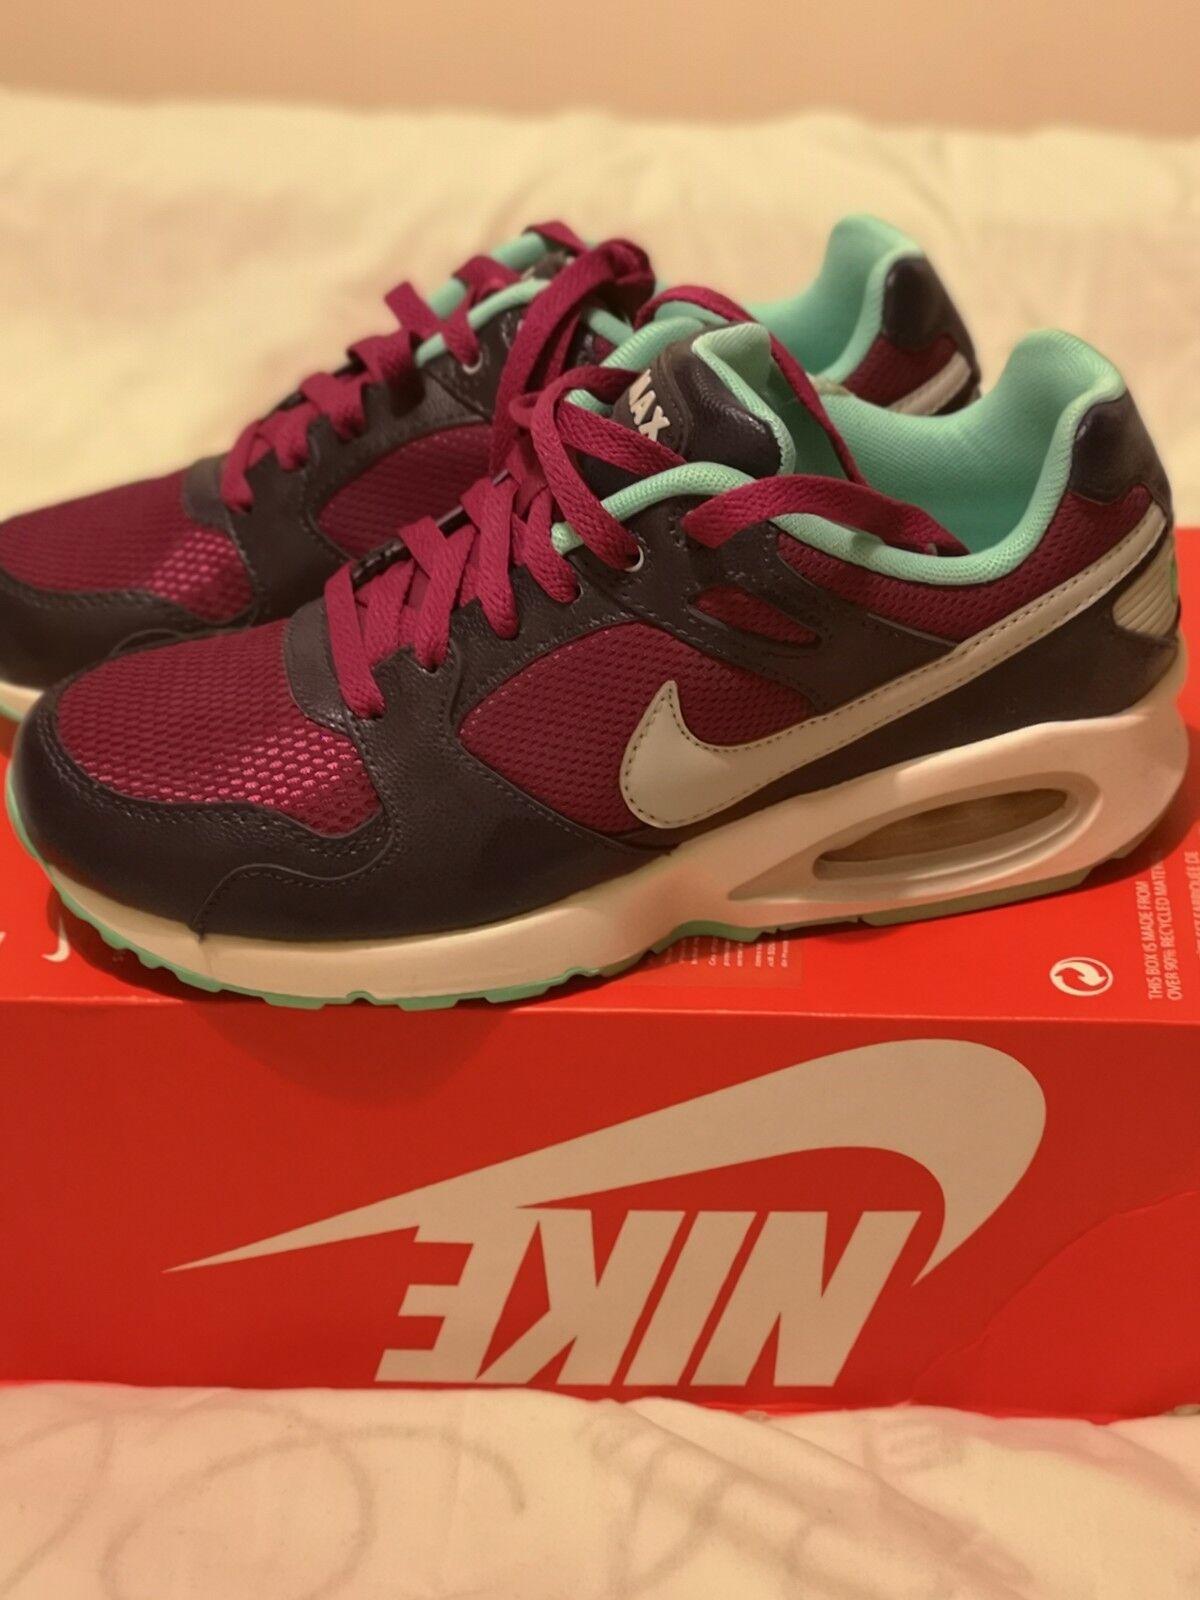 Mujeres Niñas Tenis De Entrenamiento Nike AIR RCR. MAX COLISEO RCR. AIR tamaño de Reino Unido 4.5. cc1ad6